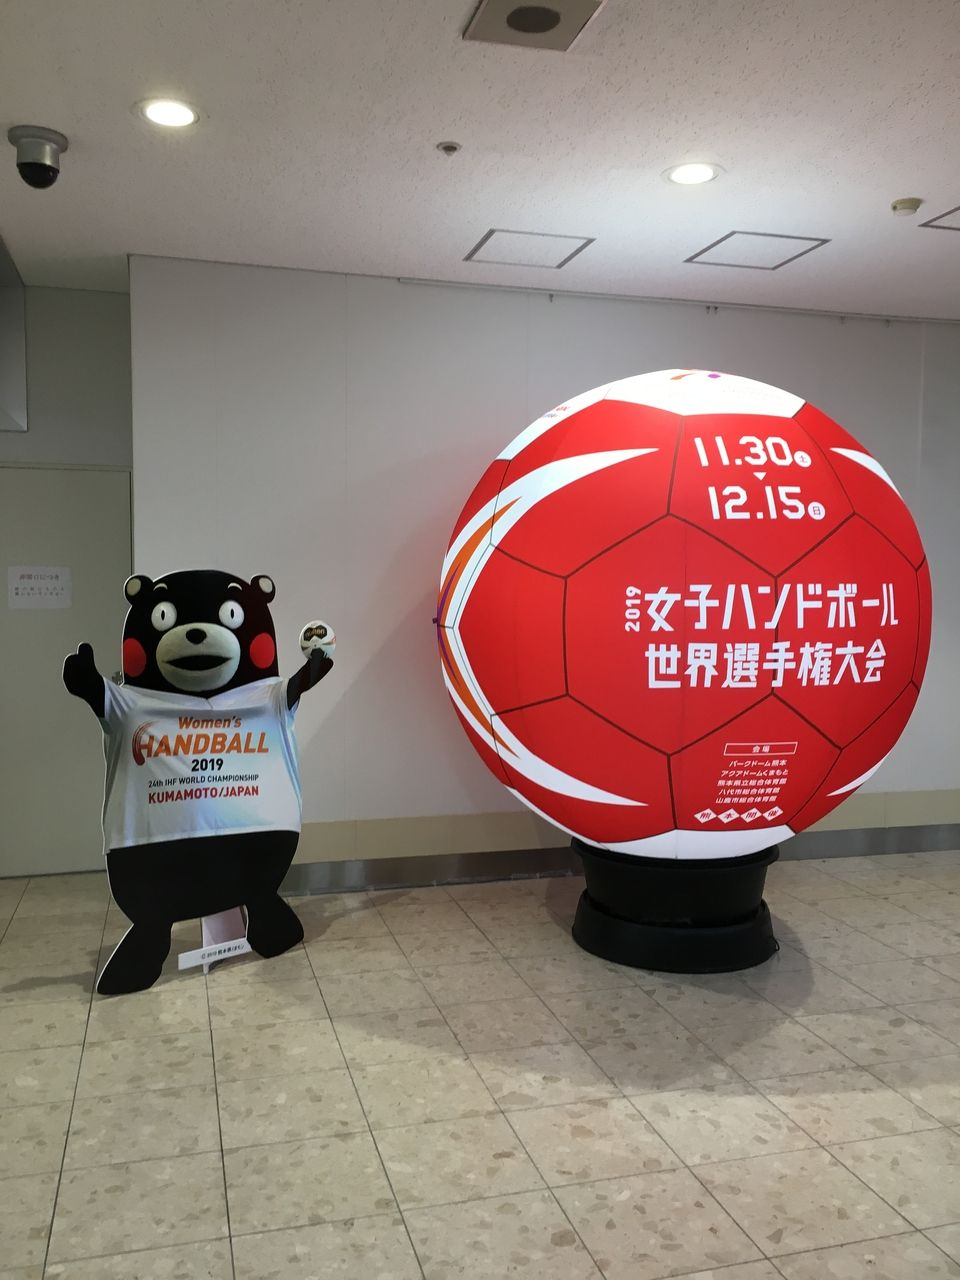 熊本空港ロビーで女子ハンドボール世界選手権大会の宣伝をするくまモン